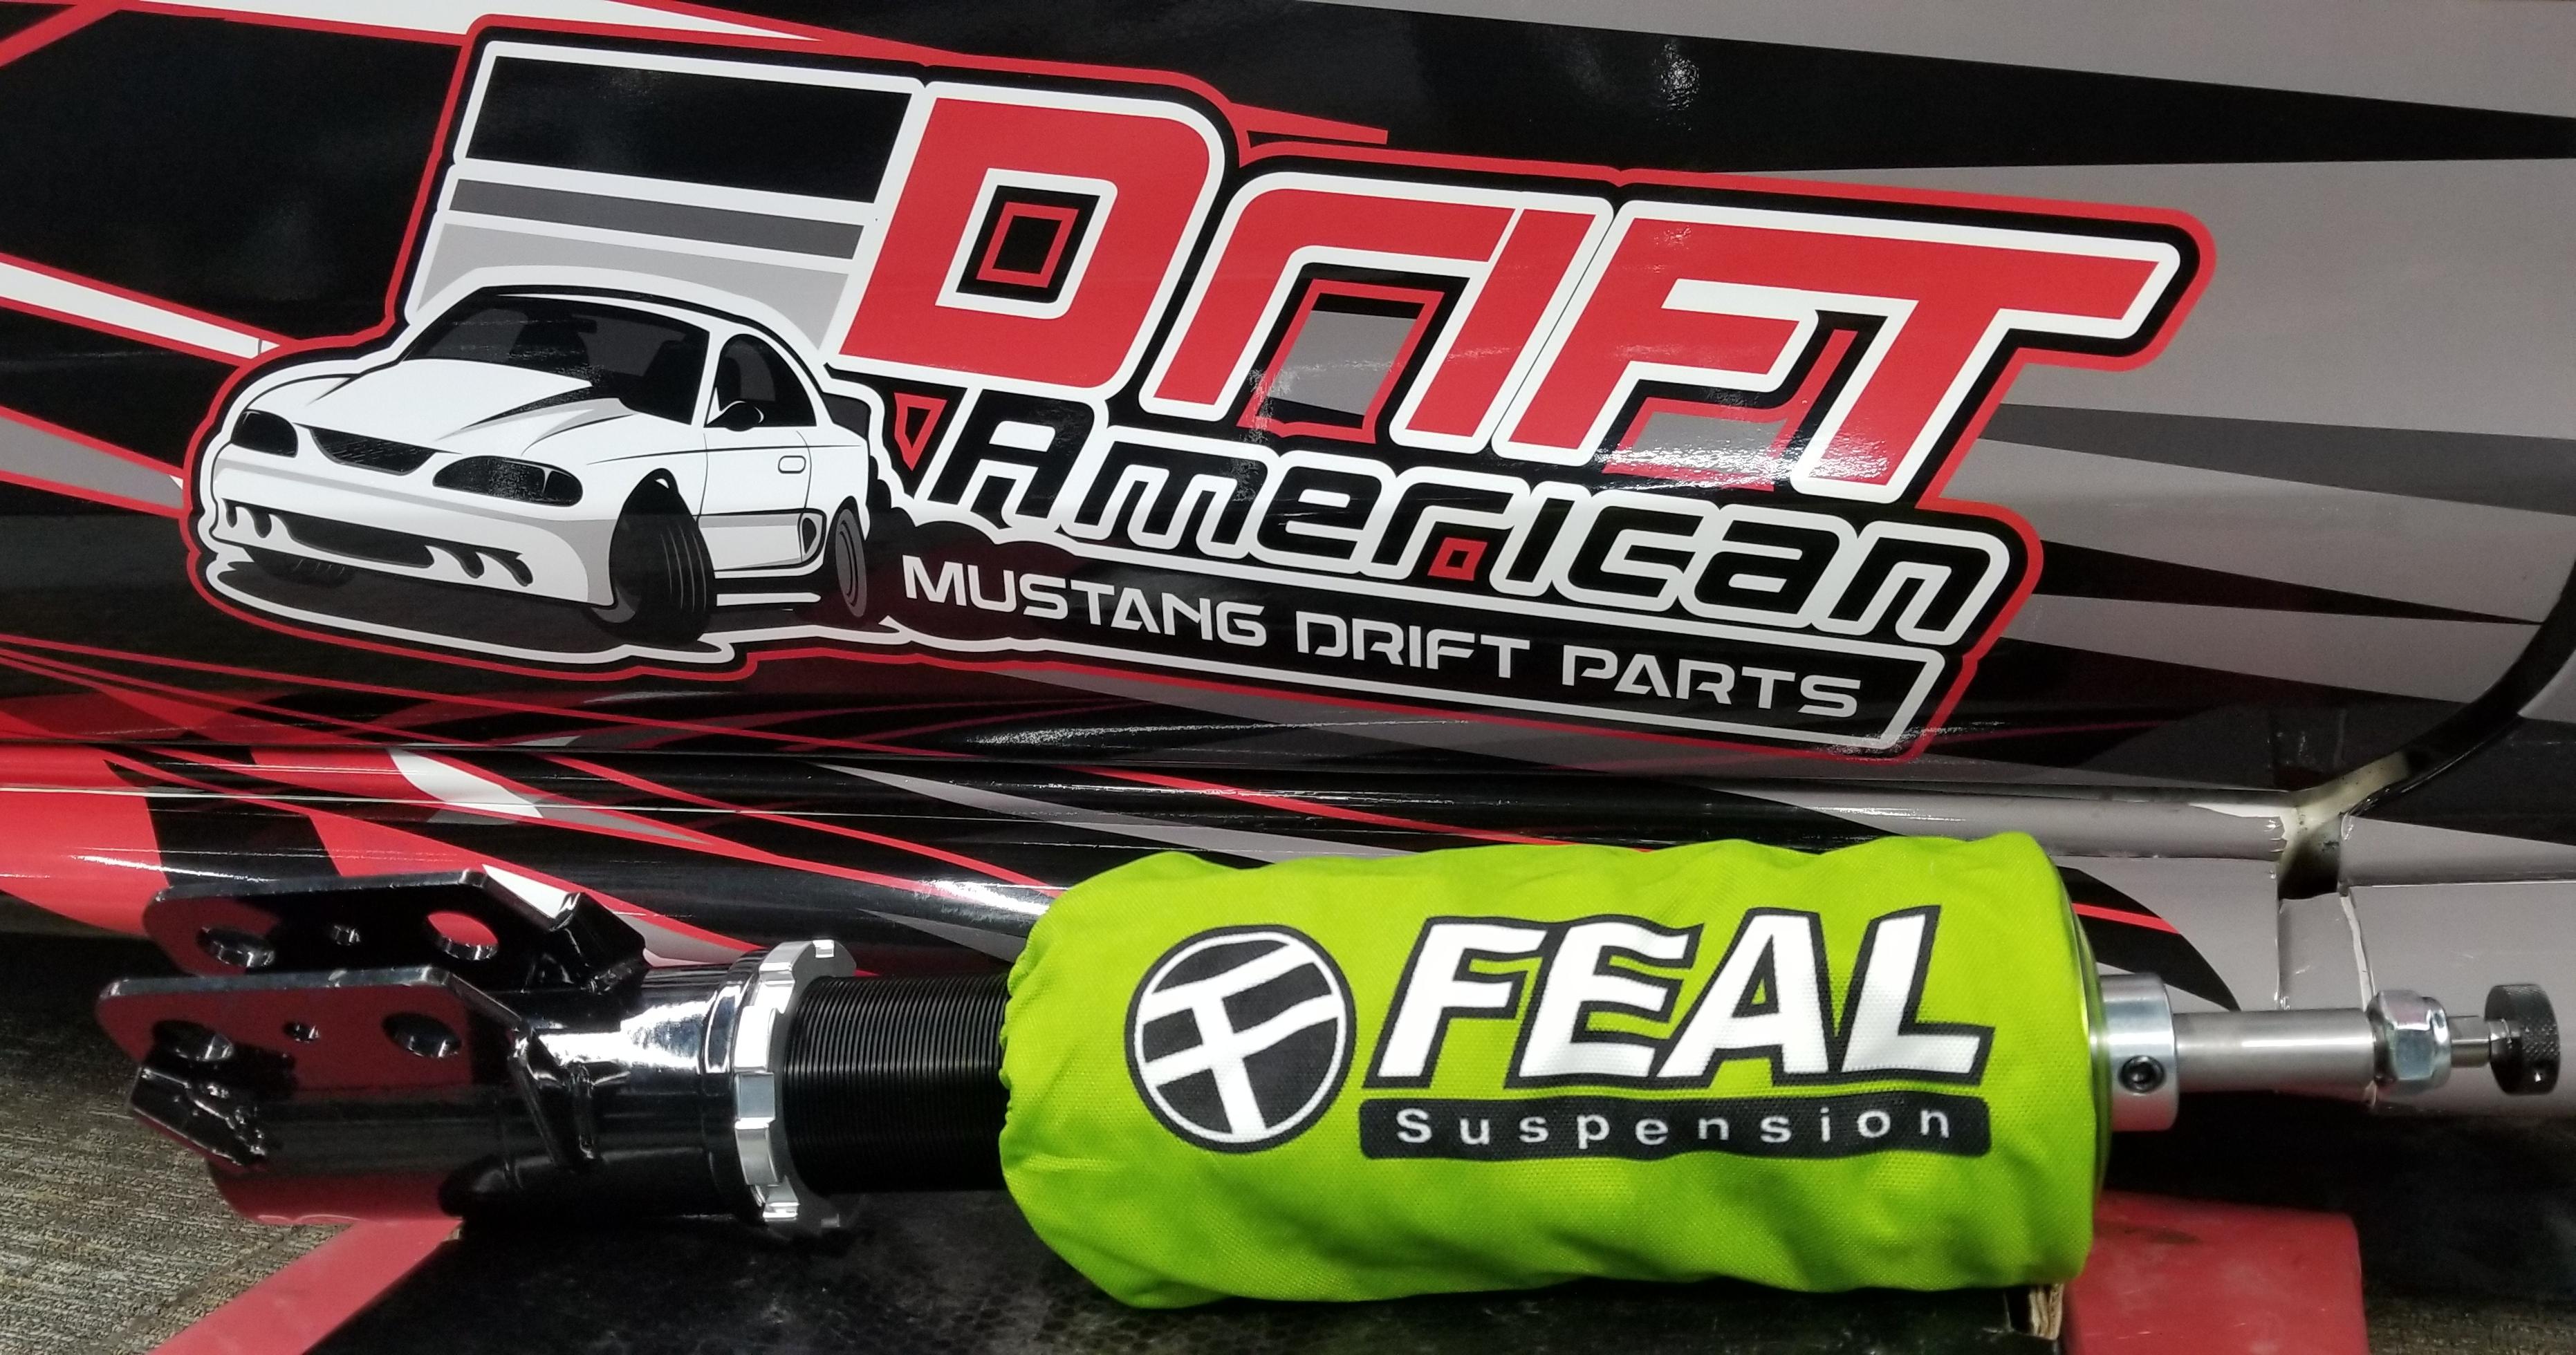 Drift American | Mustang Drift Parts